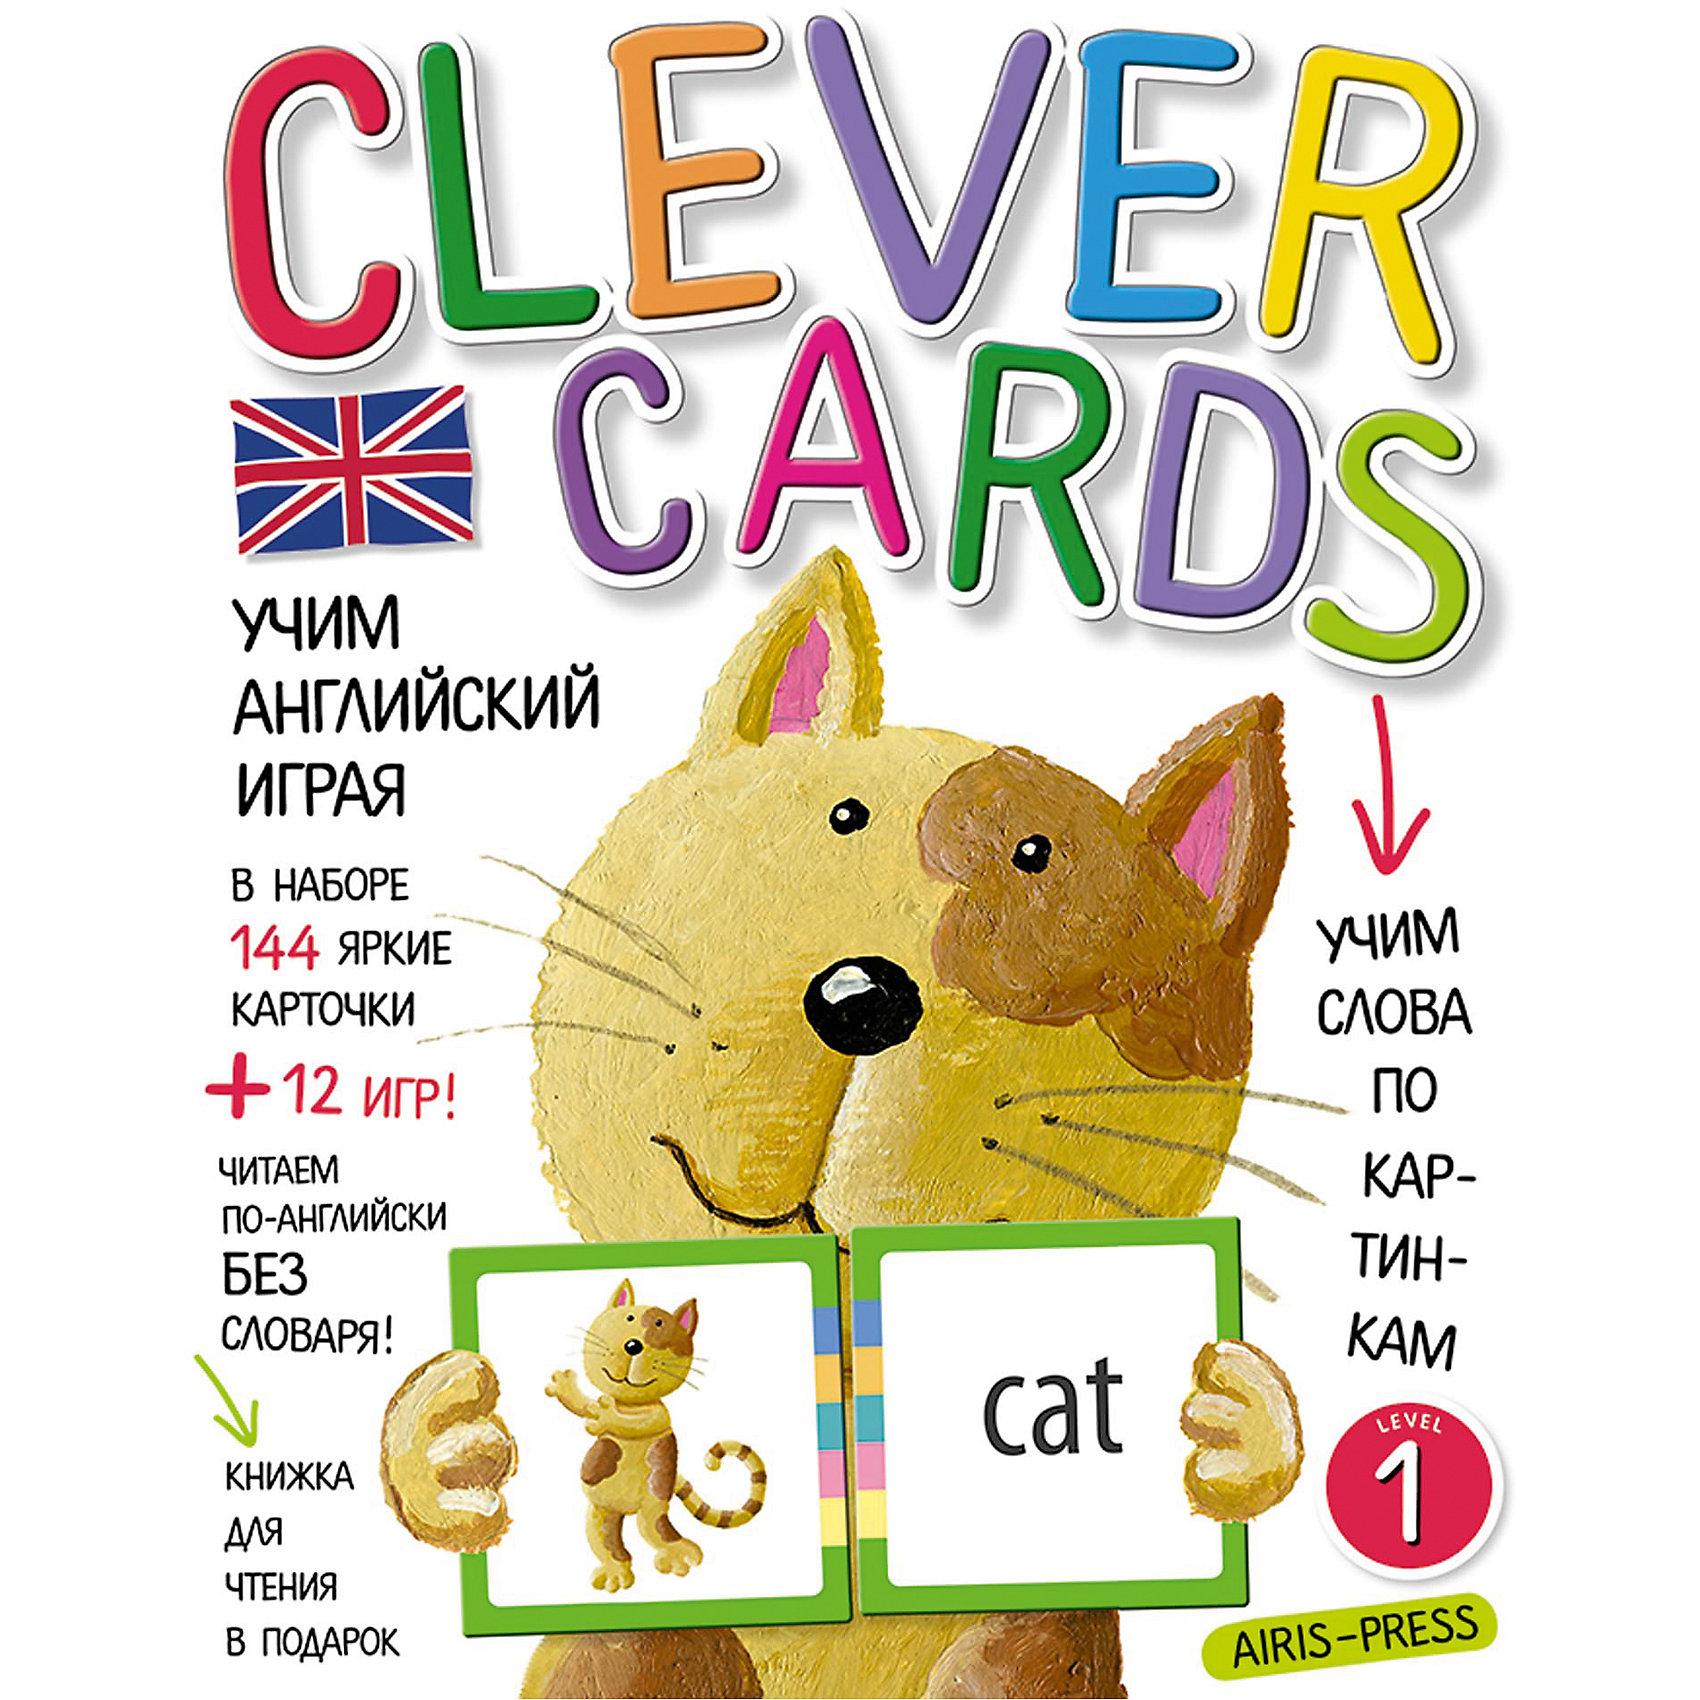 """Учим английский играя, уровень 1АЙРИС-пресс<br>Набор игровых карточек """"Clever Cards. Level 1"""" поможет детям быстро и незаметно для себя освоить значительную часть лексики начальной школы. А еще даст возможность читать английские тексты без словаря! Кроме того, в наборе вы найдёте сборник с методическими рекомендациями, который поможет вам правильно организовать обучающие игры. Книжку со сказкой """"The Cat and the Mouse"""" мы вам дарим! Попробуйте прочитать её, не пользуясь словарем в конце книжки.<br><br>Ширина мм: 15<br>Глубина мм: 170<br>Высота мм: 220<br>Вес г: 250<br>Возраст от месяцев: -2147483648<br>Возраст до месяцев: 2147483647<br>Пол: Унисекс<br>Возраст: Детский<br>SKU: 6849552"""